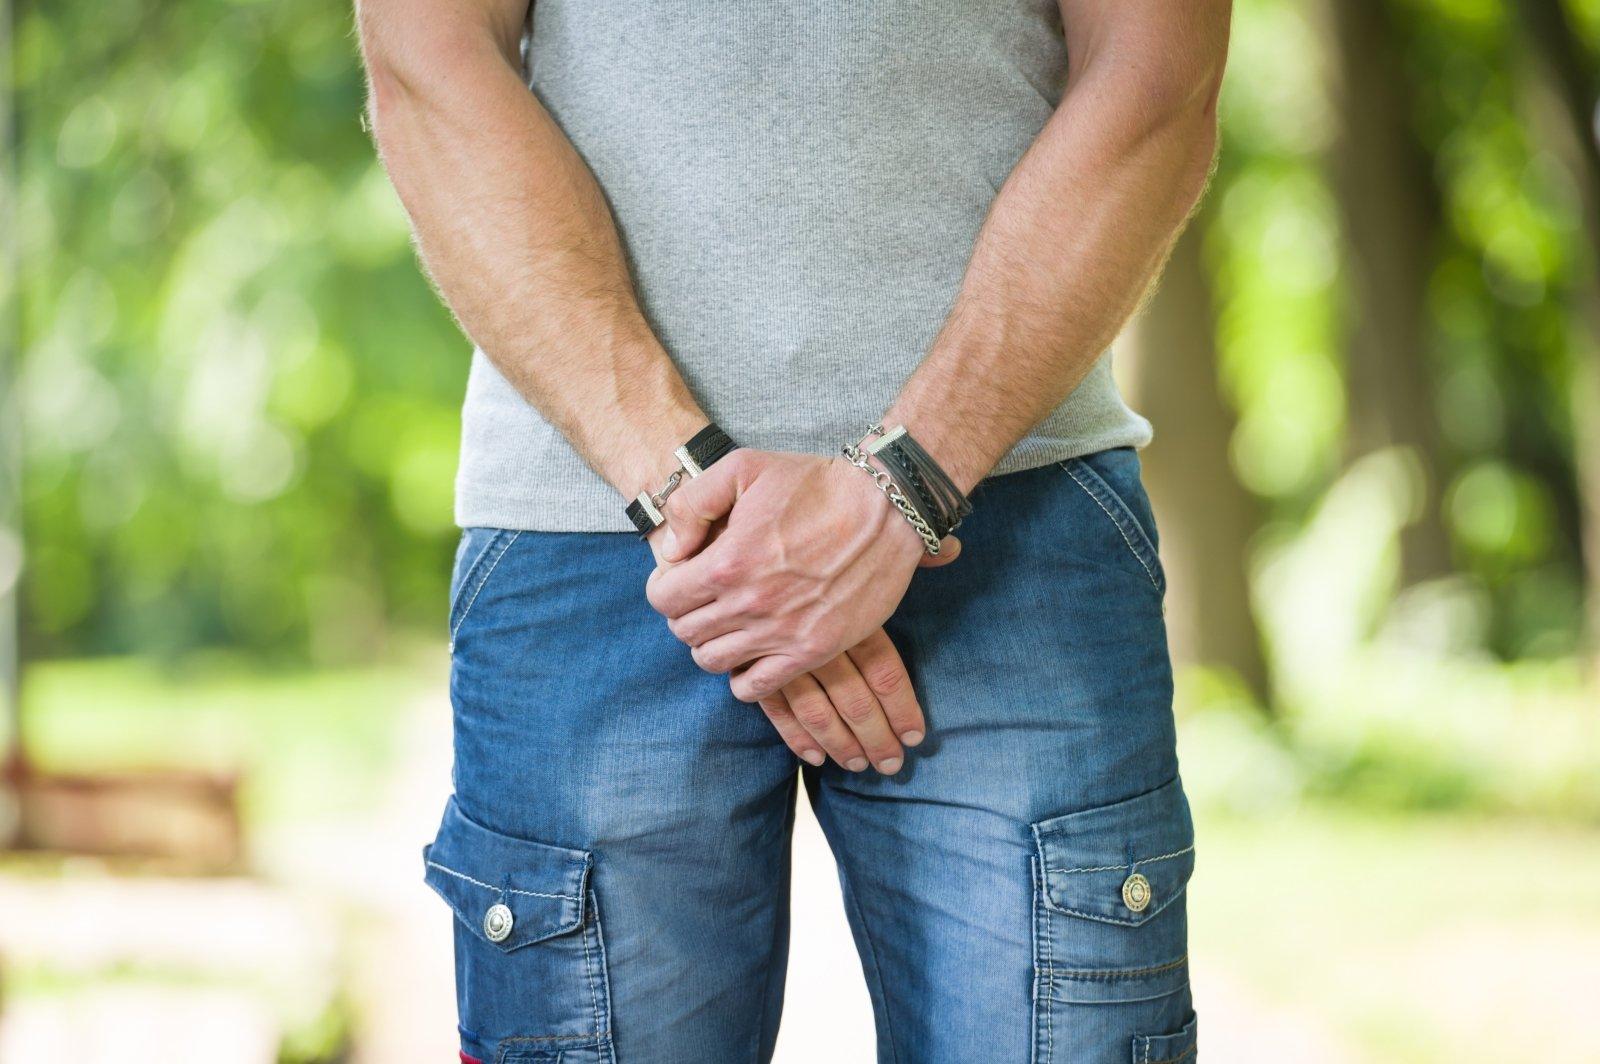 erekcija sumažėja kai ji yra arti kaip padidinti varpa be